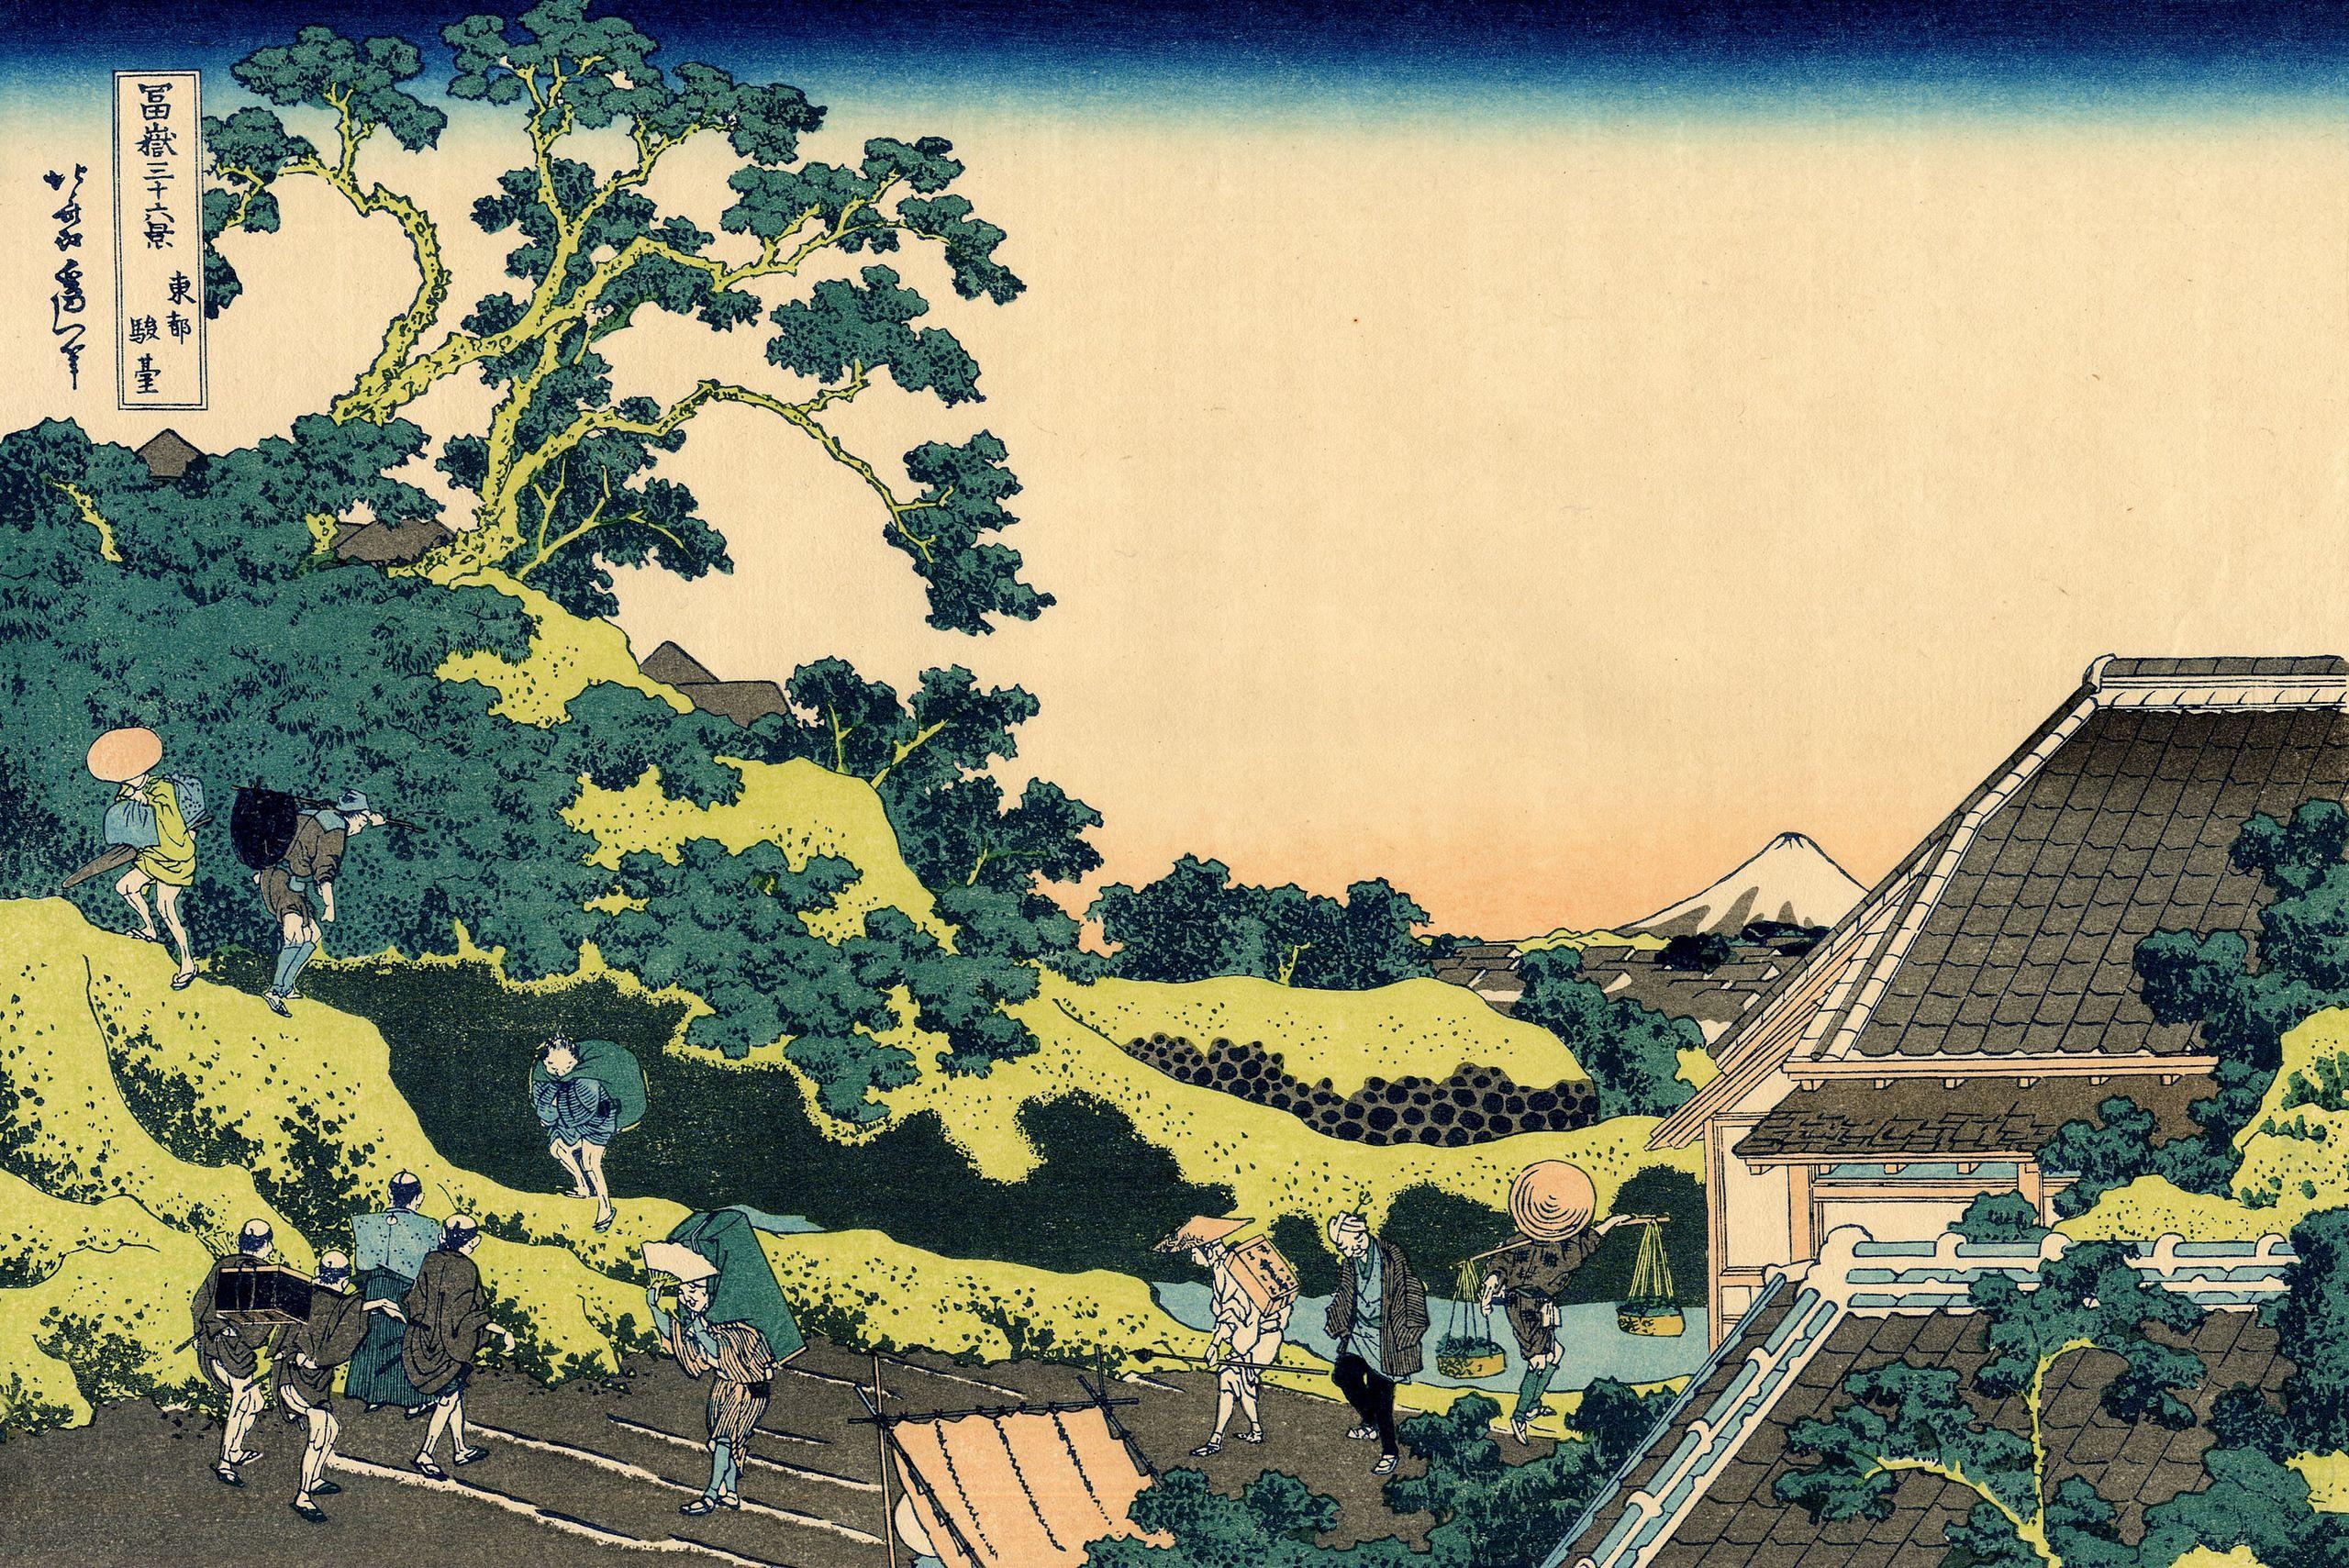 Тридцать шесть видов Фудзи (Хокусай)